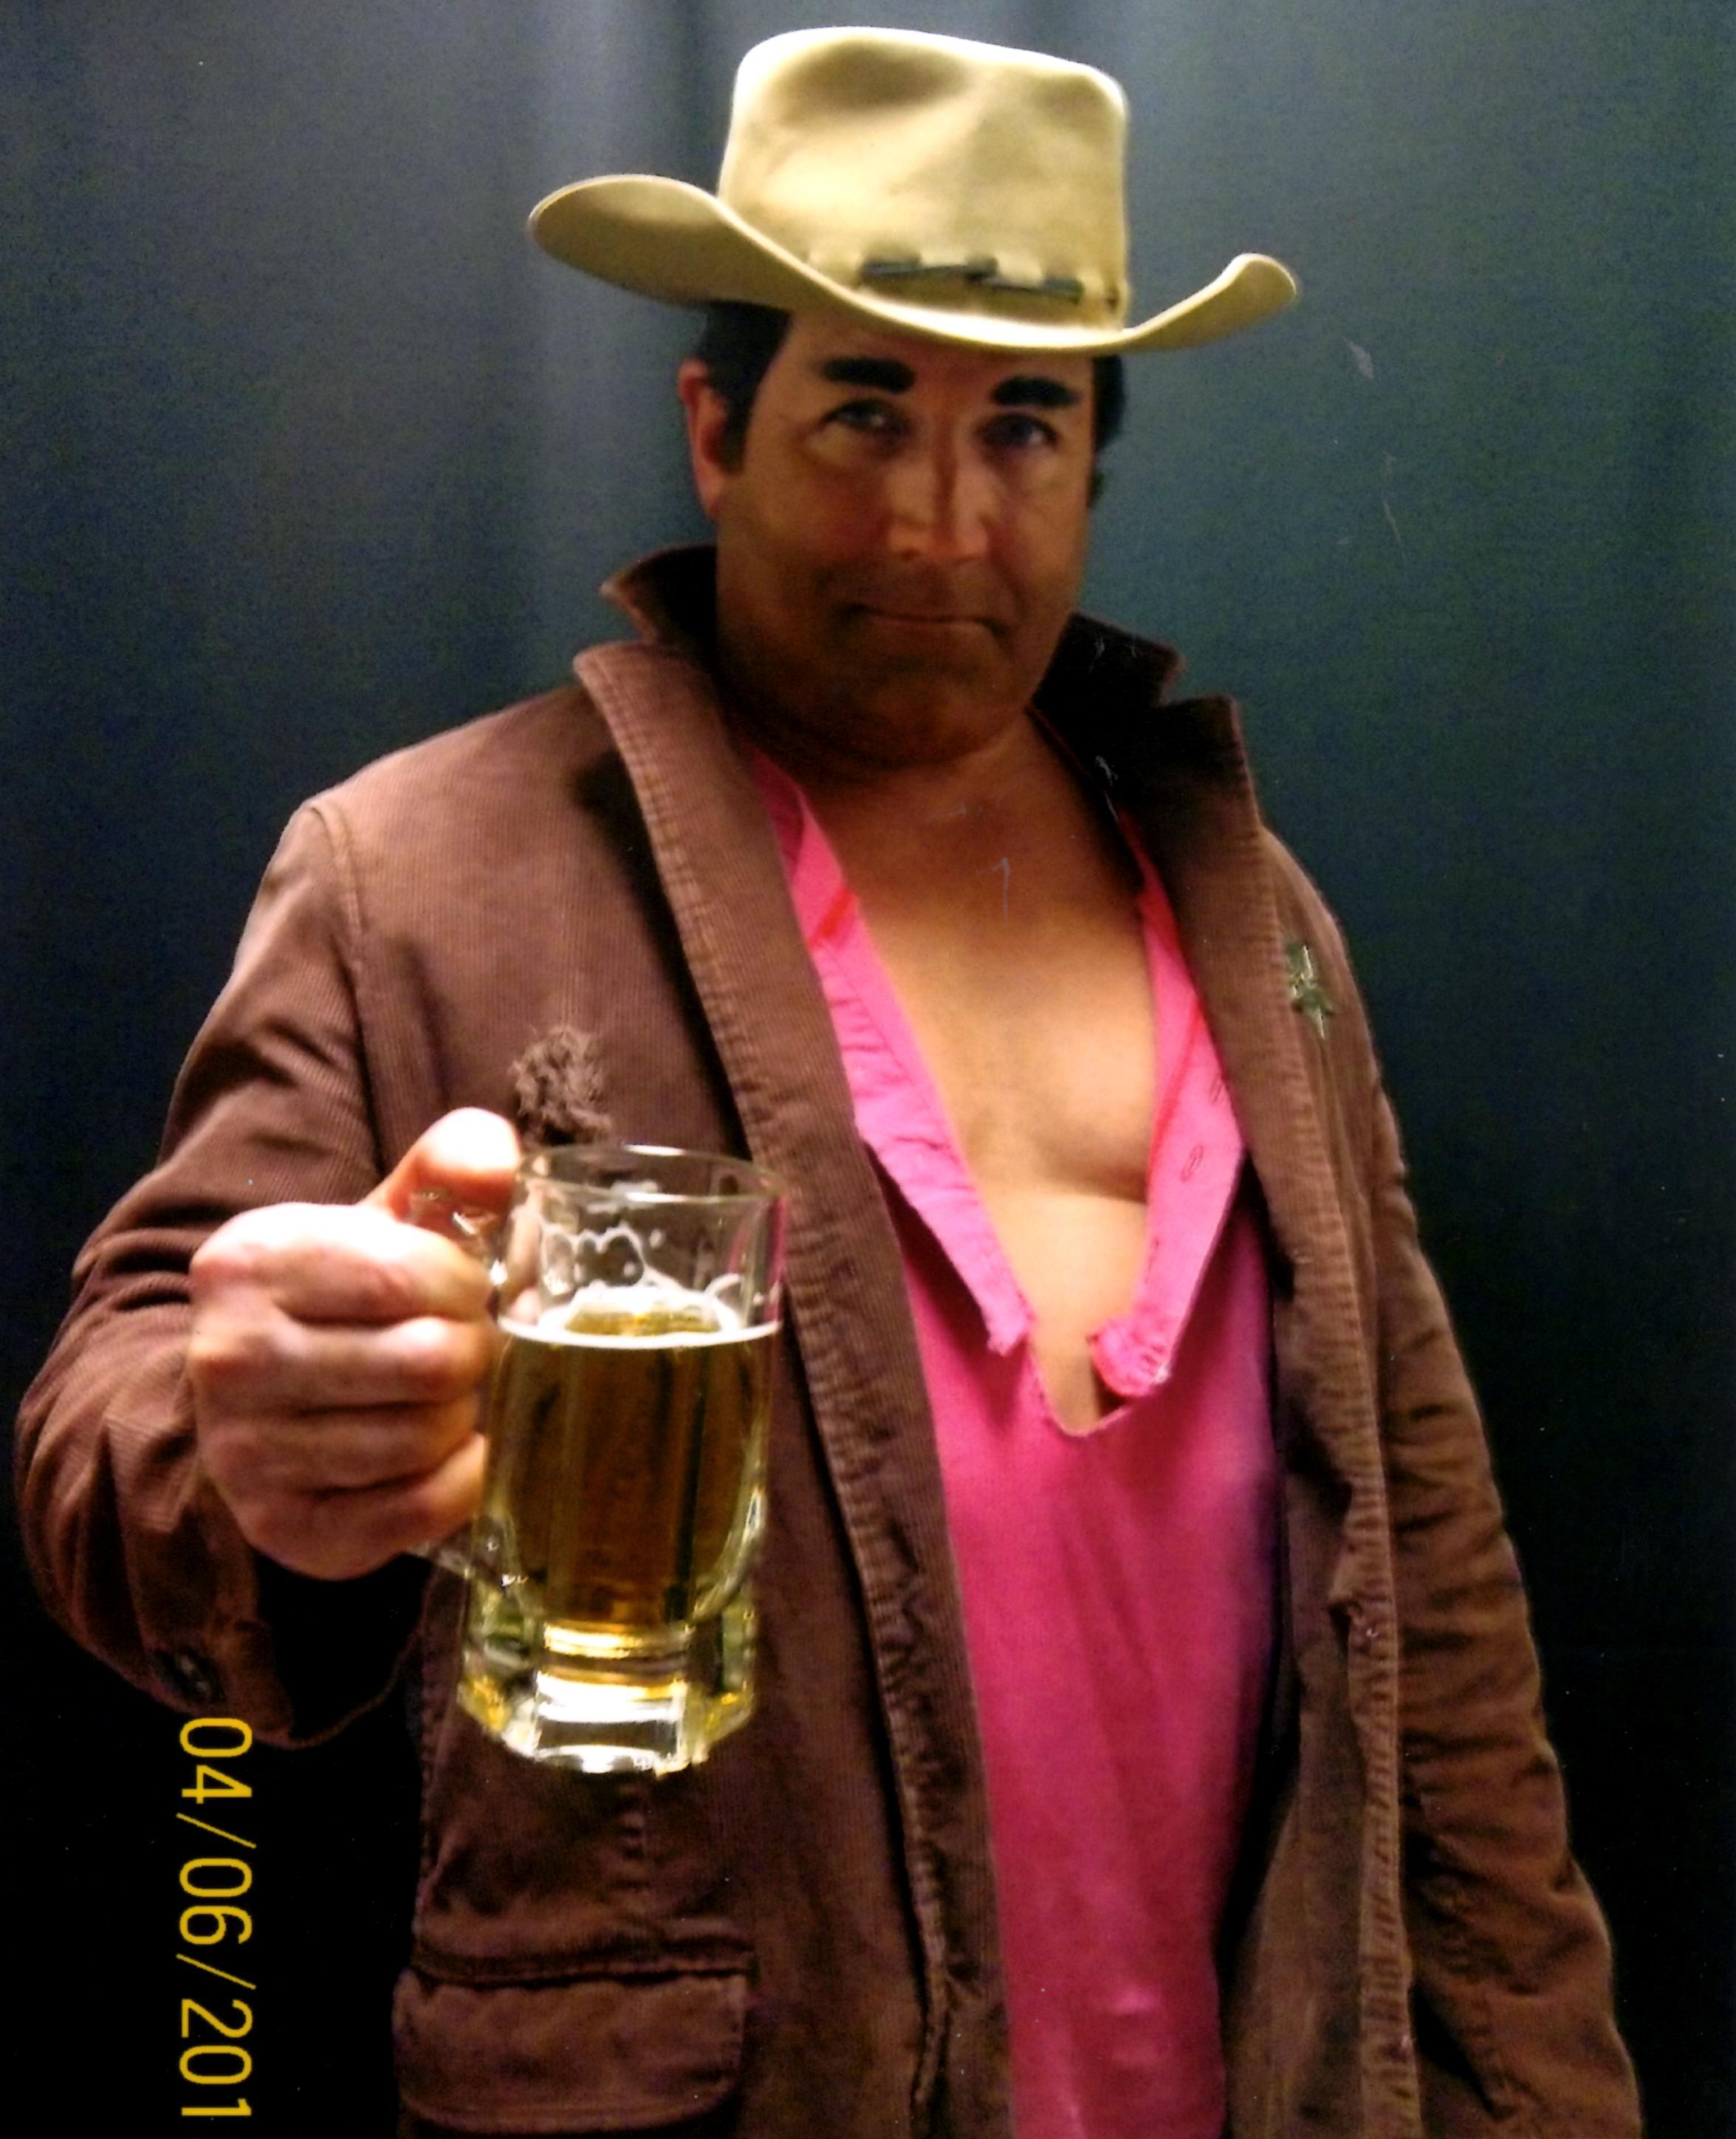 Matt Helm as DUDE from Rio Bravo